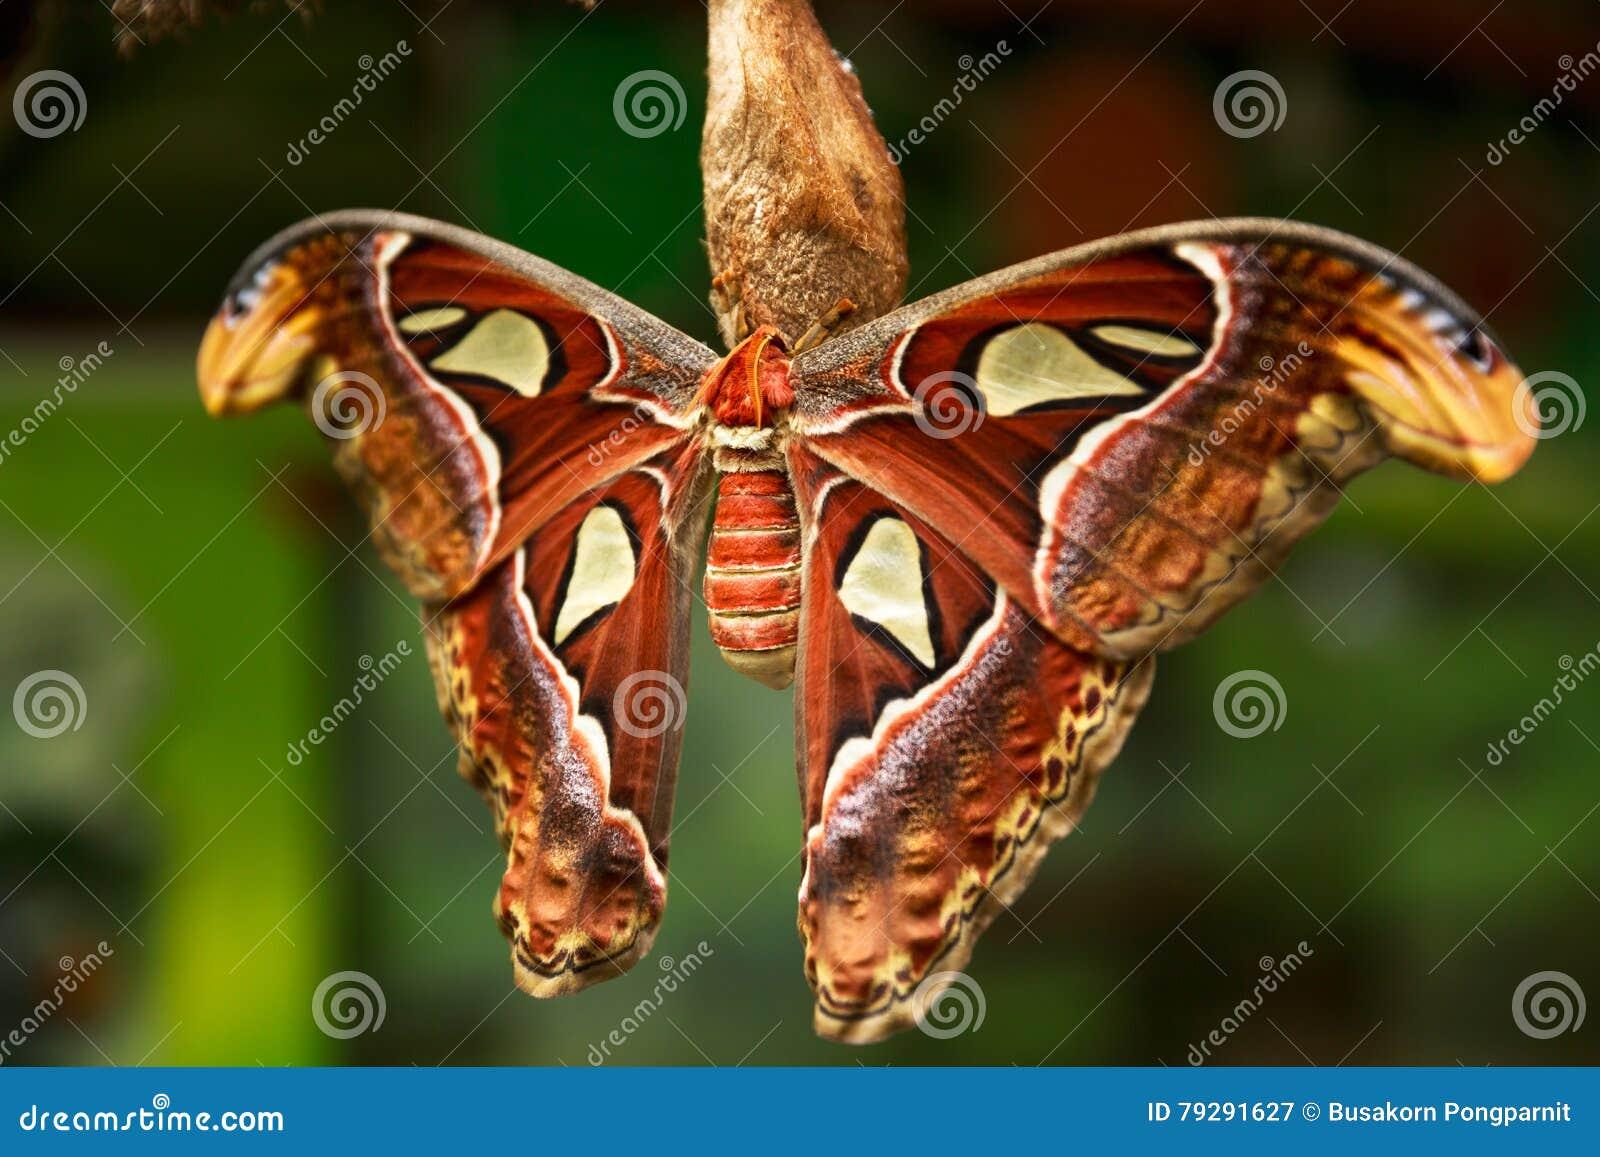 Den Attacus för kartbokmal kartboken, härlig stor fjäril